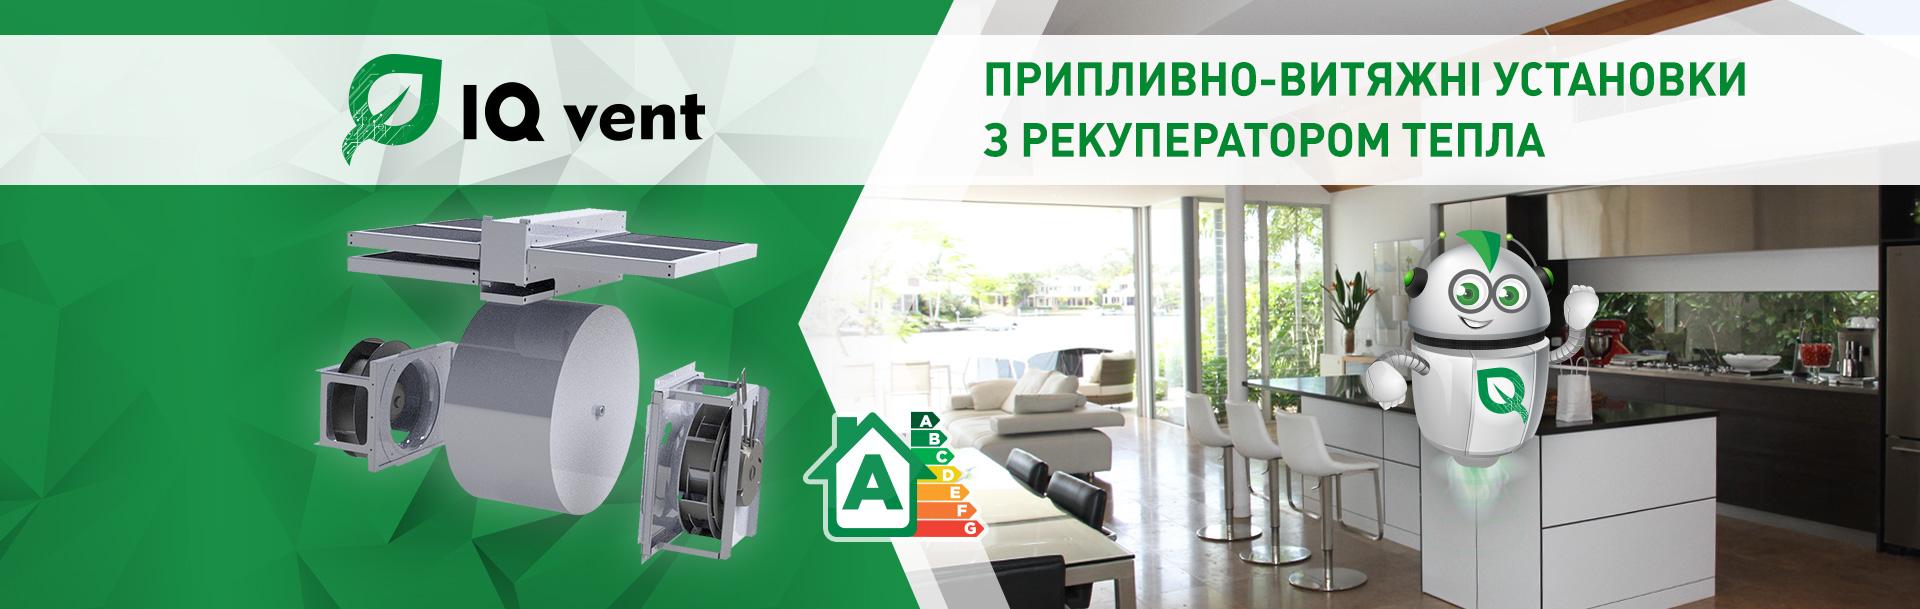 припливно-витяжні установки з рекуперацією тепла IQvent